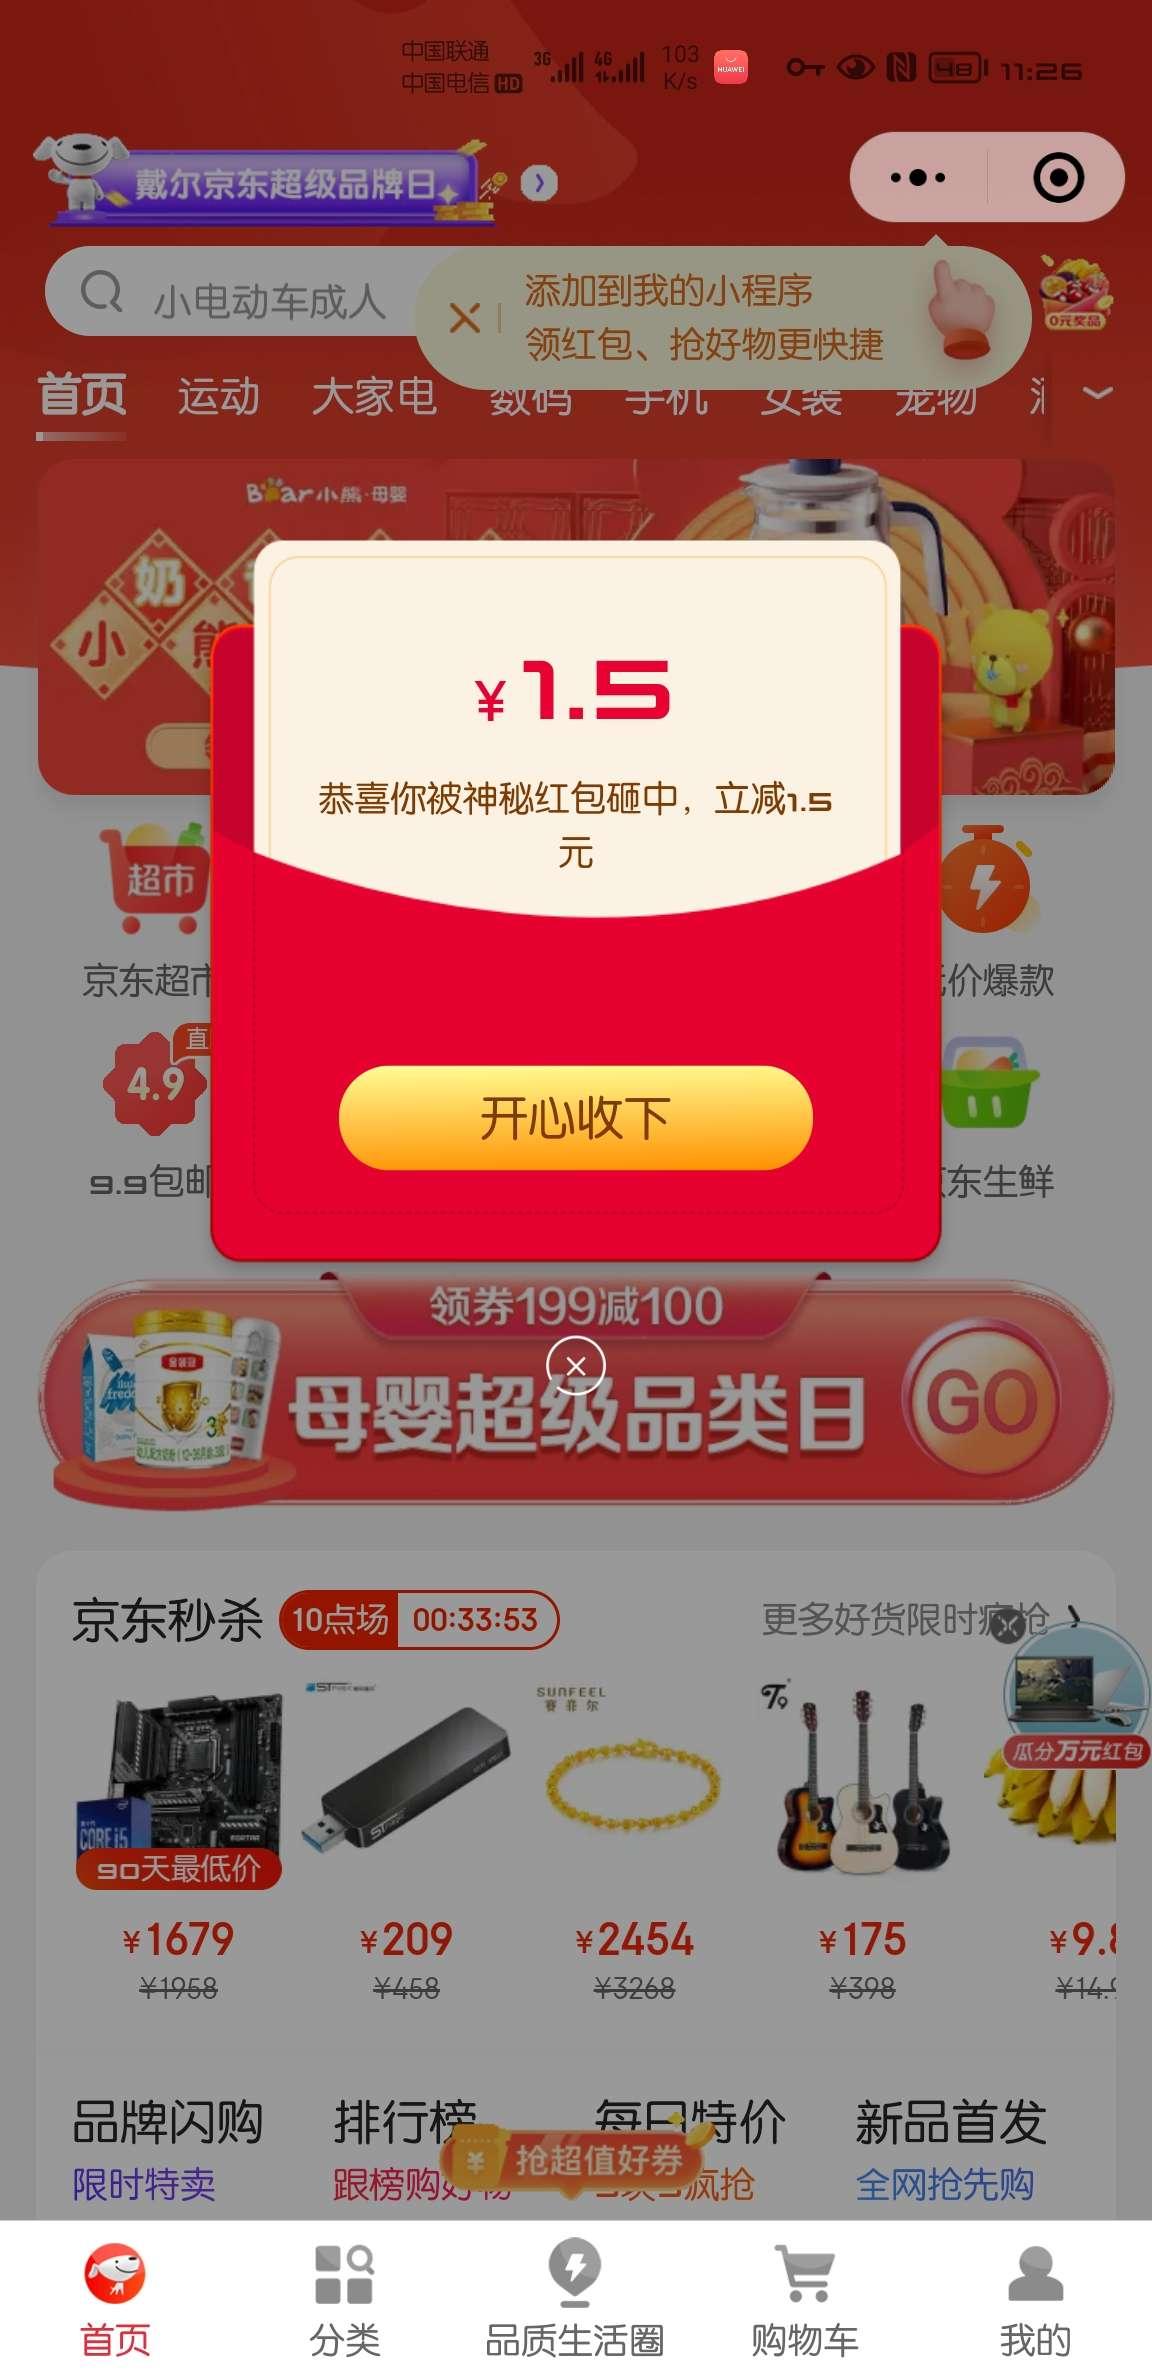 【虚拟商品】京东商城领1.5元无条件消费大红包秒到京东e卡包插图